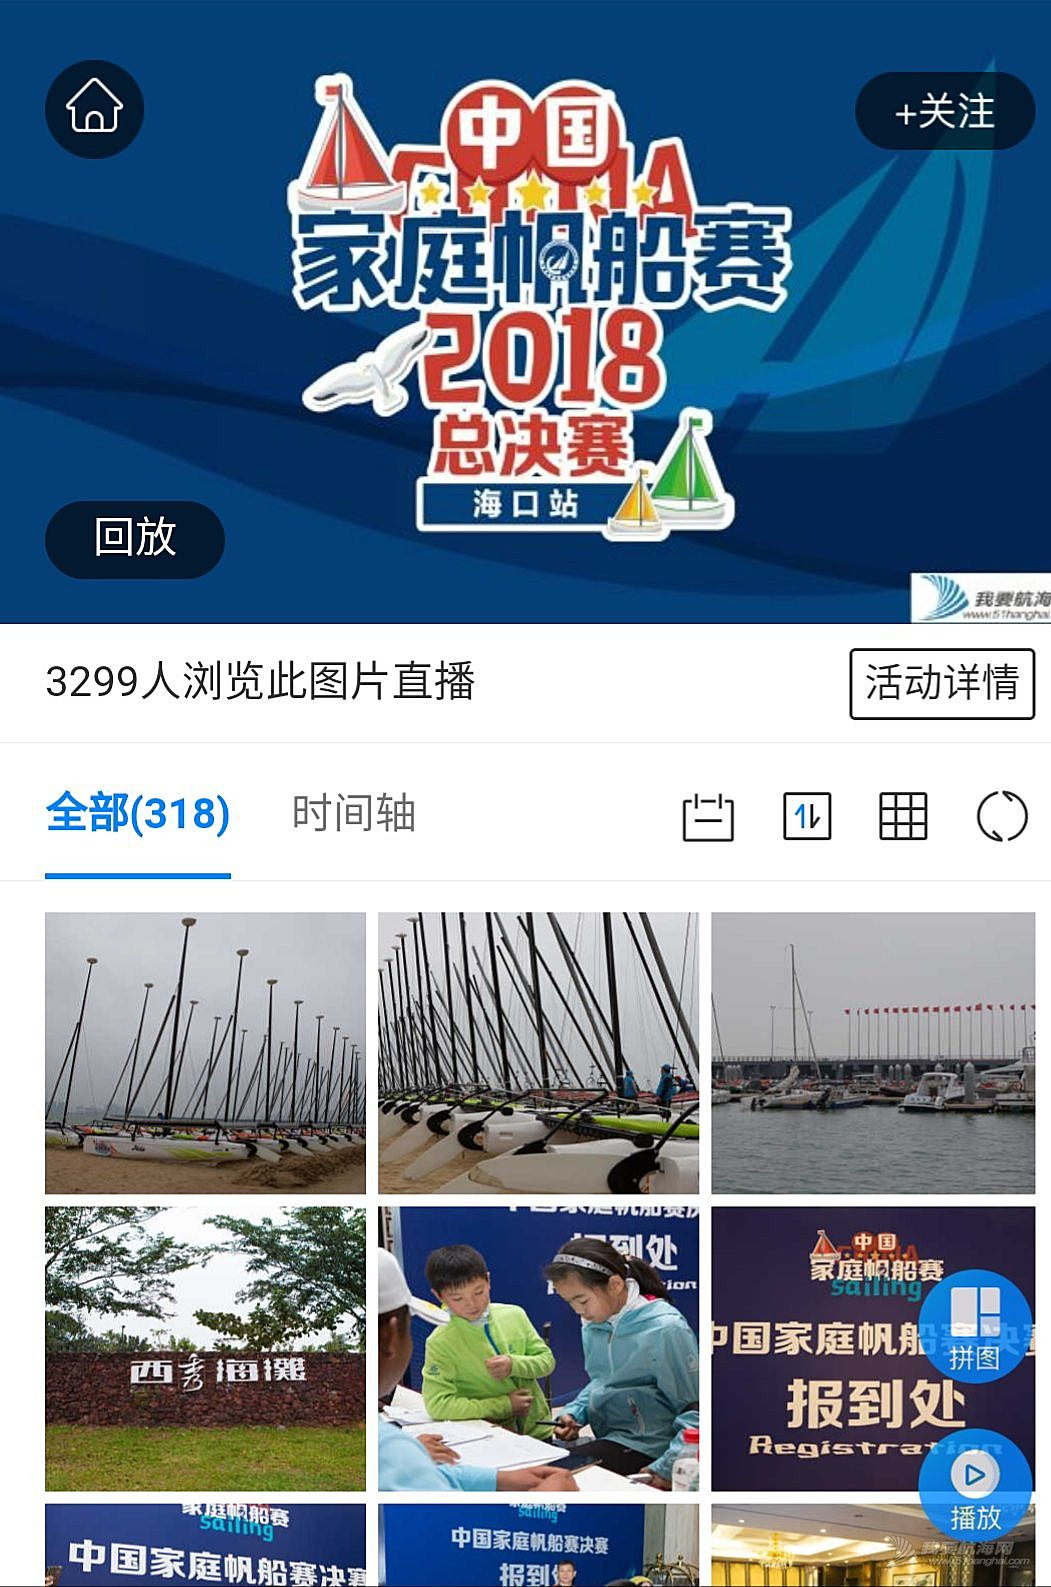 2018中国家庭帆船赛海口总决赛全情回顾